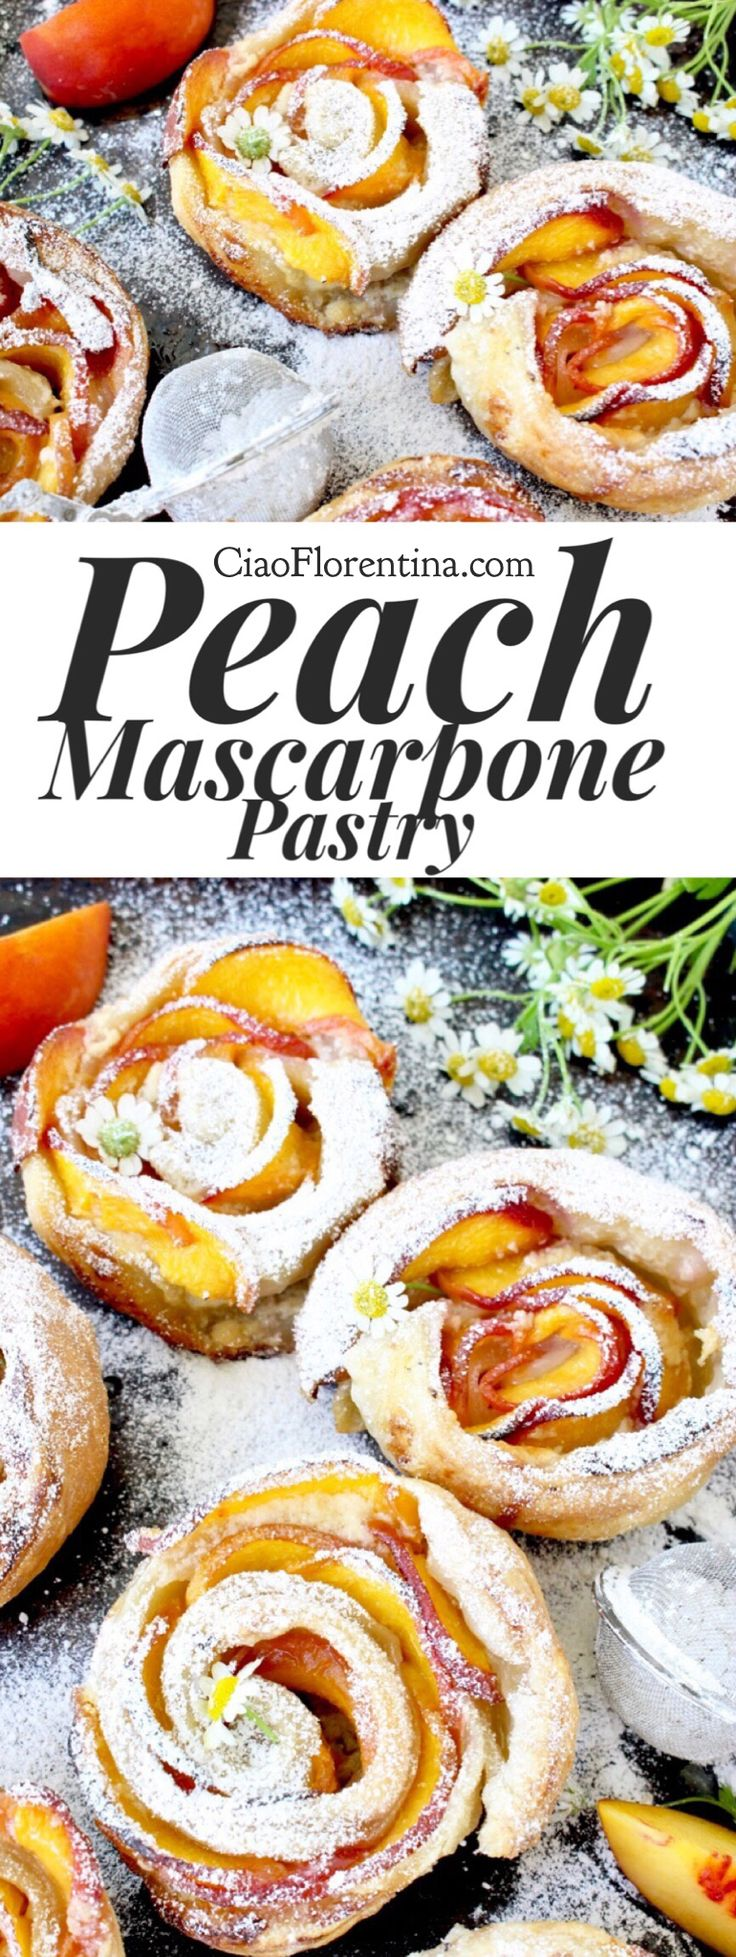 Fresh Peach Mascarpone Puff Pastry Dessert Recipe | CiaoFlorentina.com @CiaoFlorentina